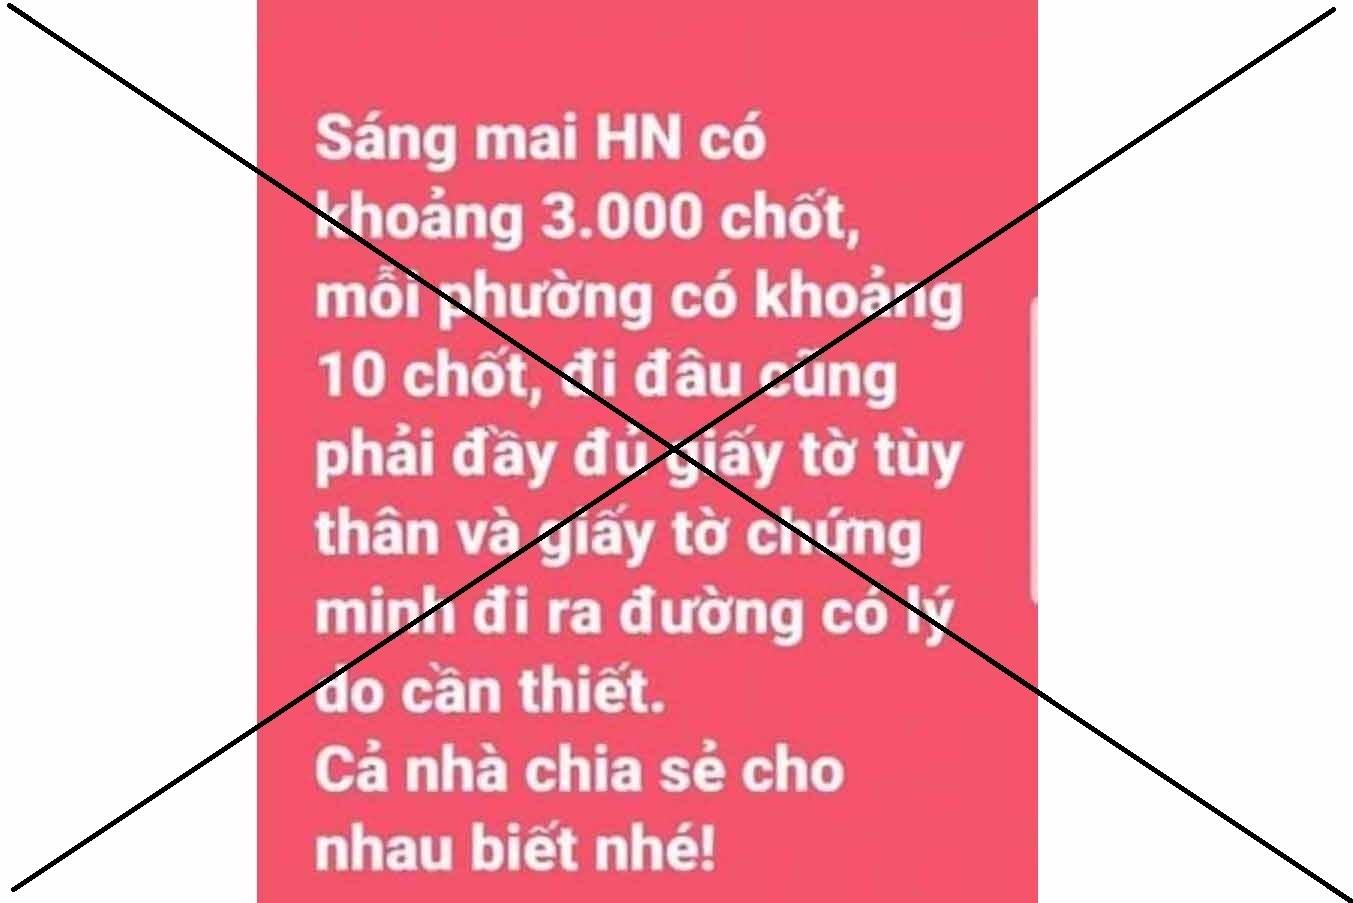 Thêm 1 cá nhân tại Hà Nội bị phạt 12,5 triệu đồng vì đăng tin giả về chống dịch